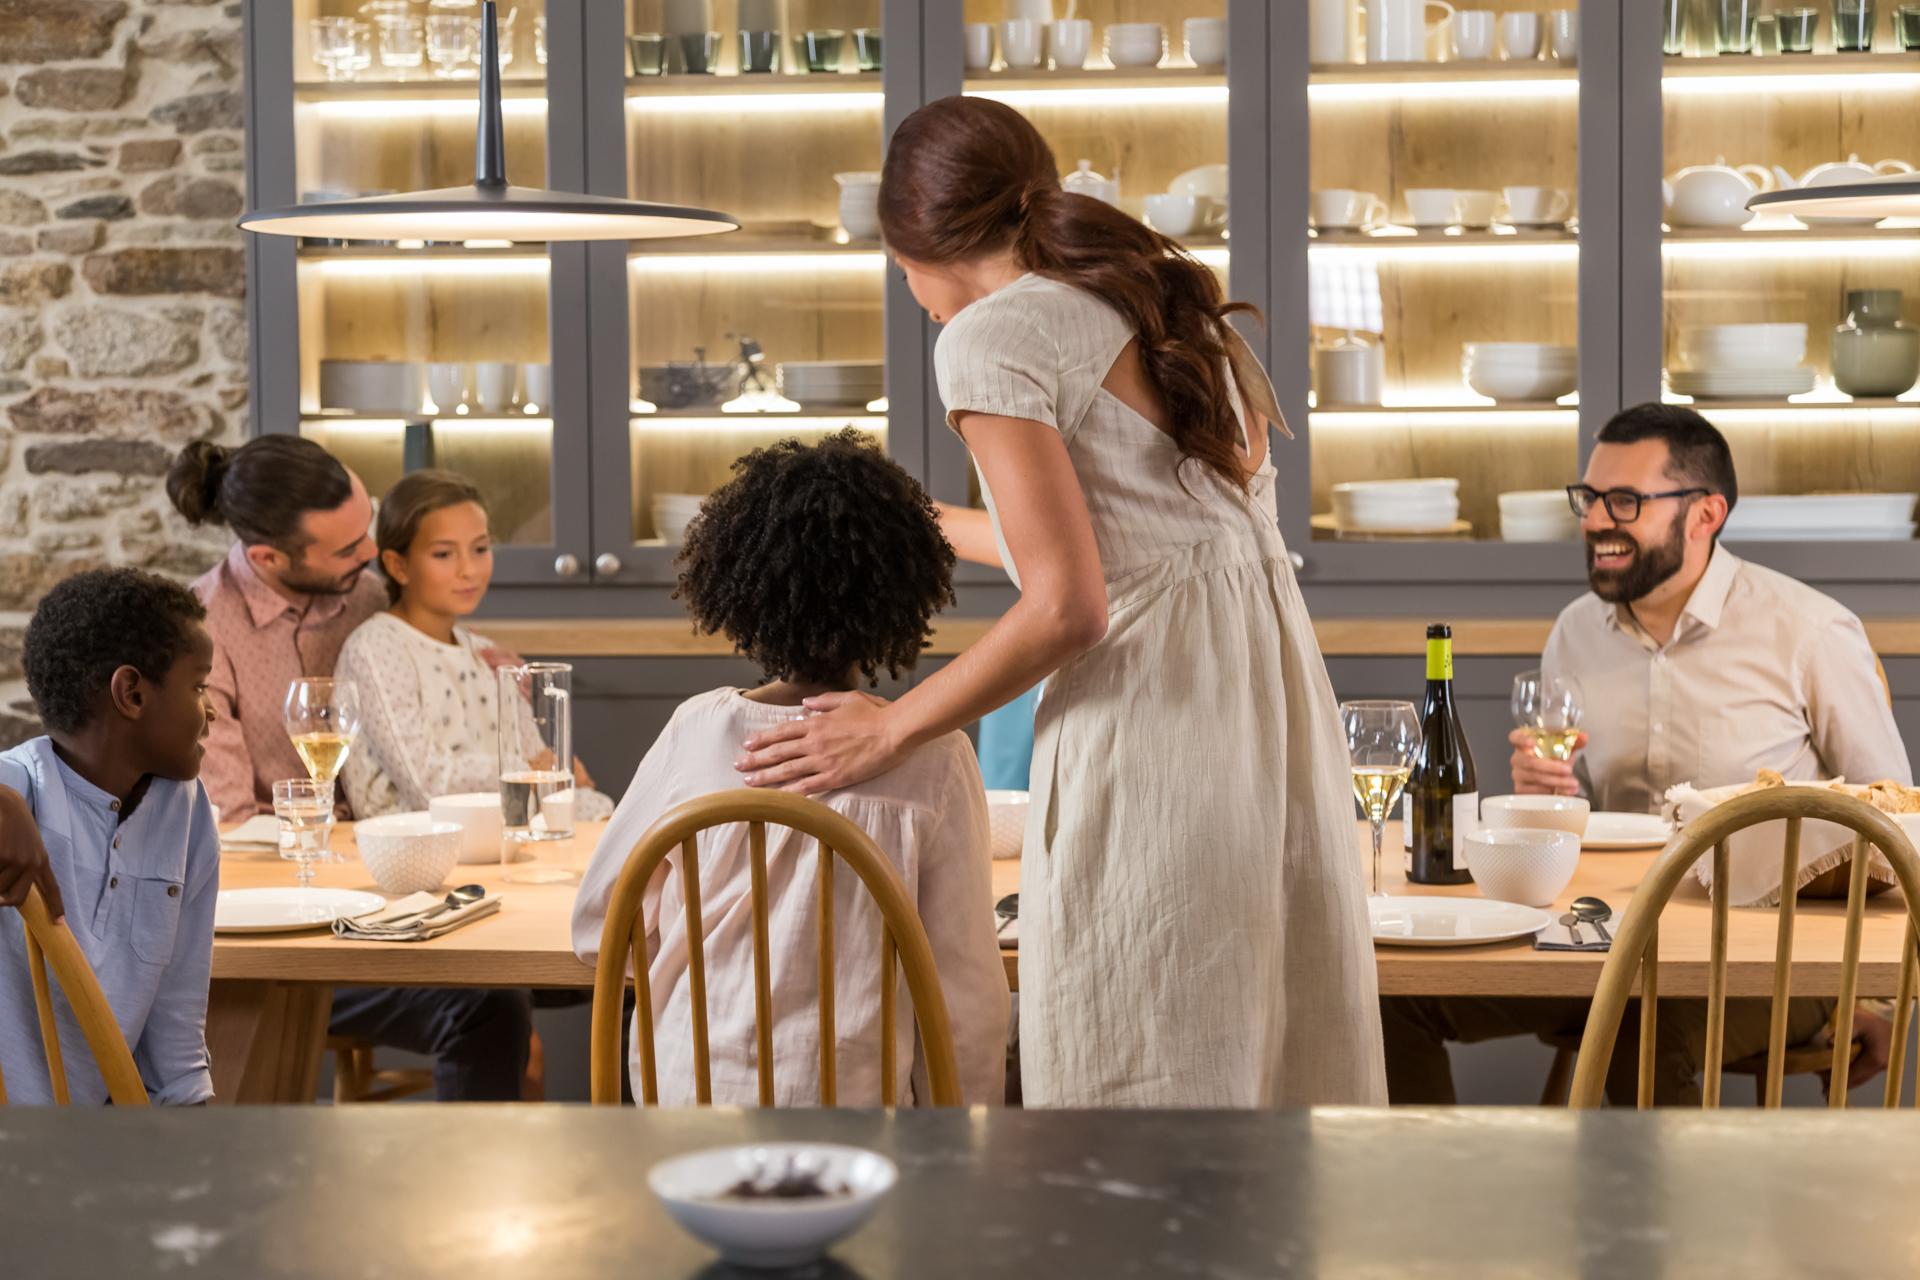 Cocina como zona de reuniones en familia